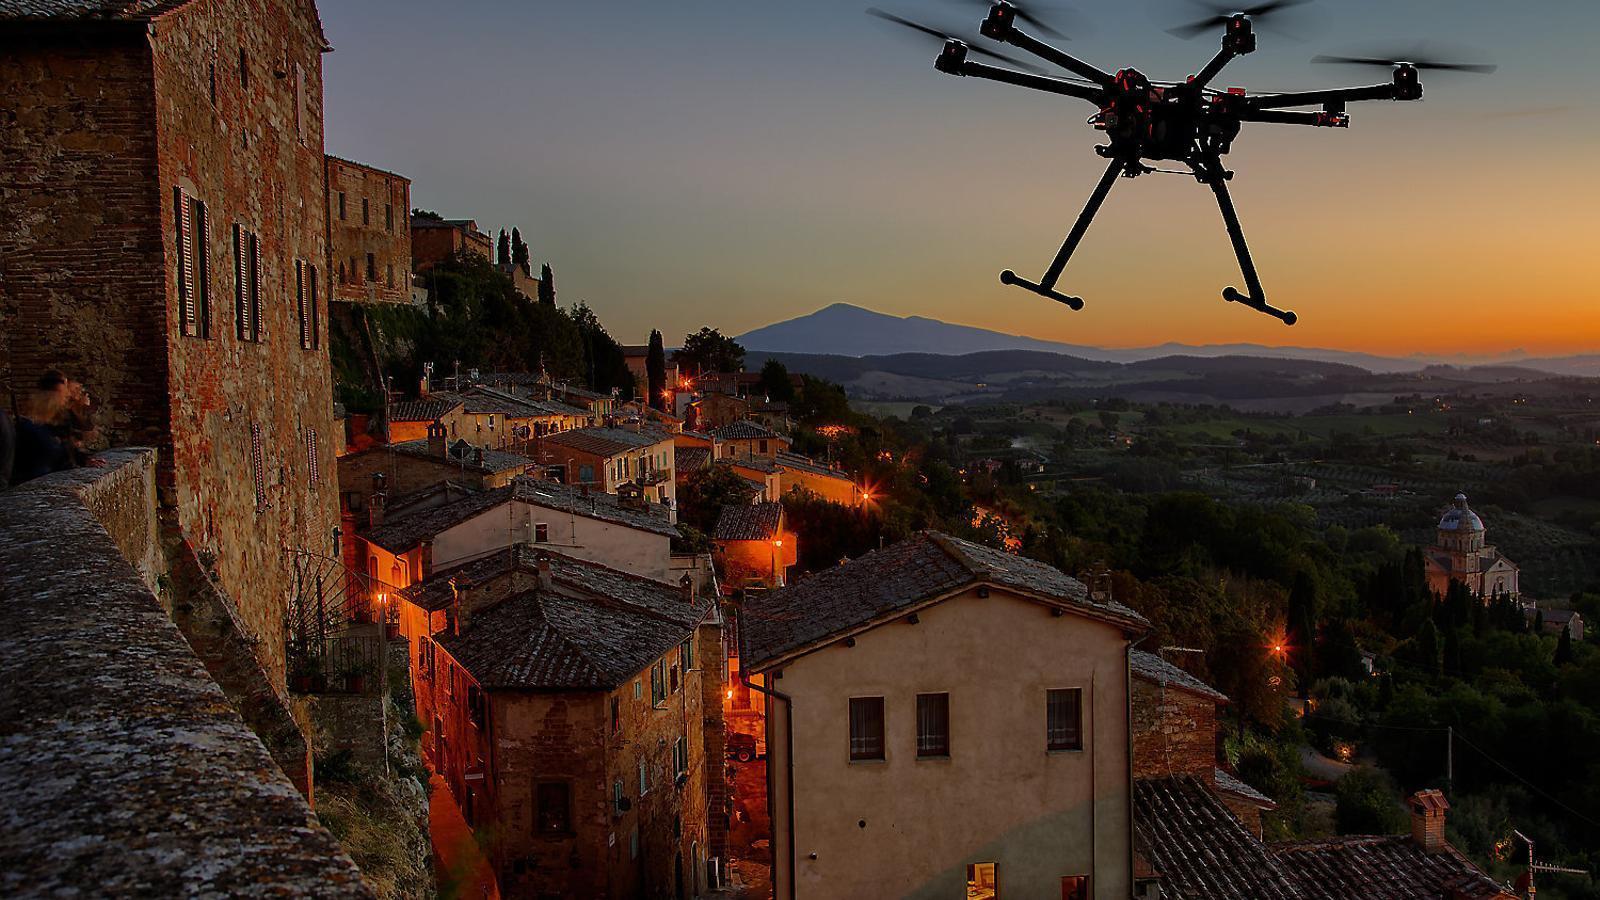 La proliferació de drons pot suposar un risc per a la intimitat.